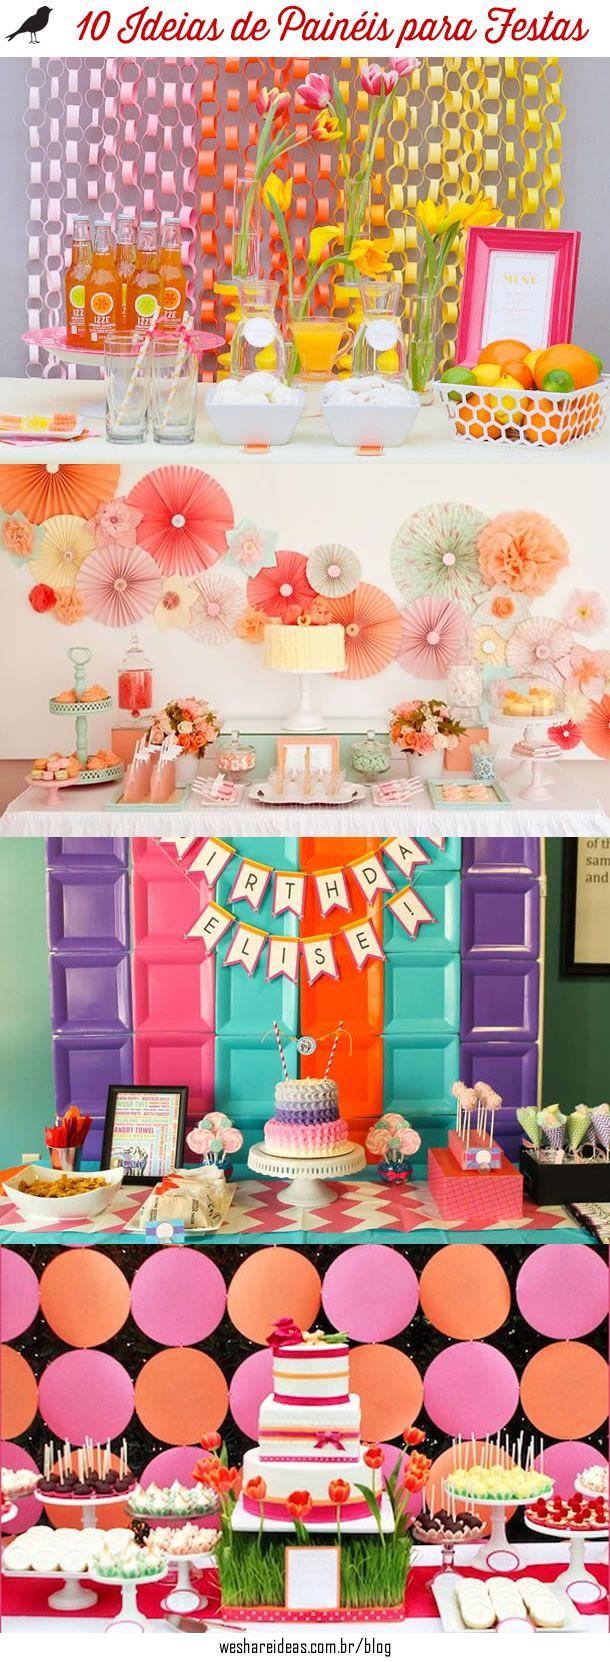 10 Ideias de Panéis Criativos para Festas feitos de papel, tecido, fitas e balões.